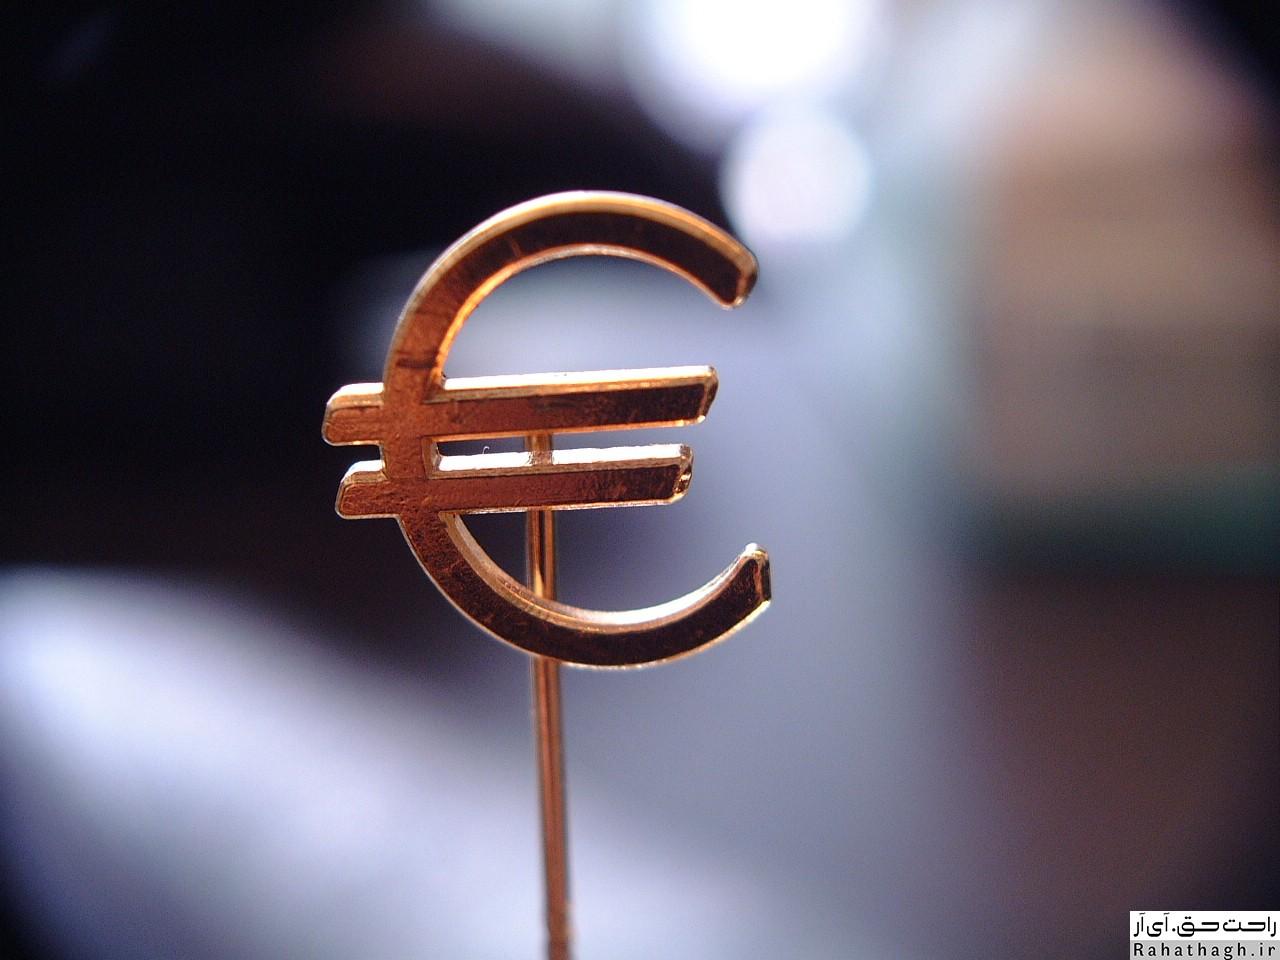 https://bayanbox.ir/view/2811991644935596464/European-Economy%D8%B1%D8%A7%D8%AD%D8%AA-%D8%AD%D9%82.jpg